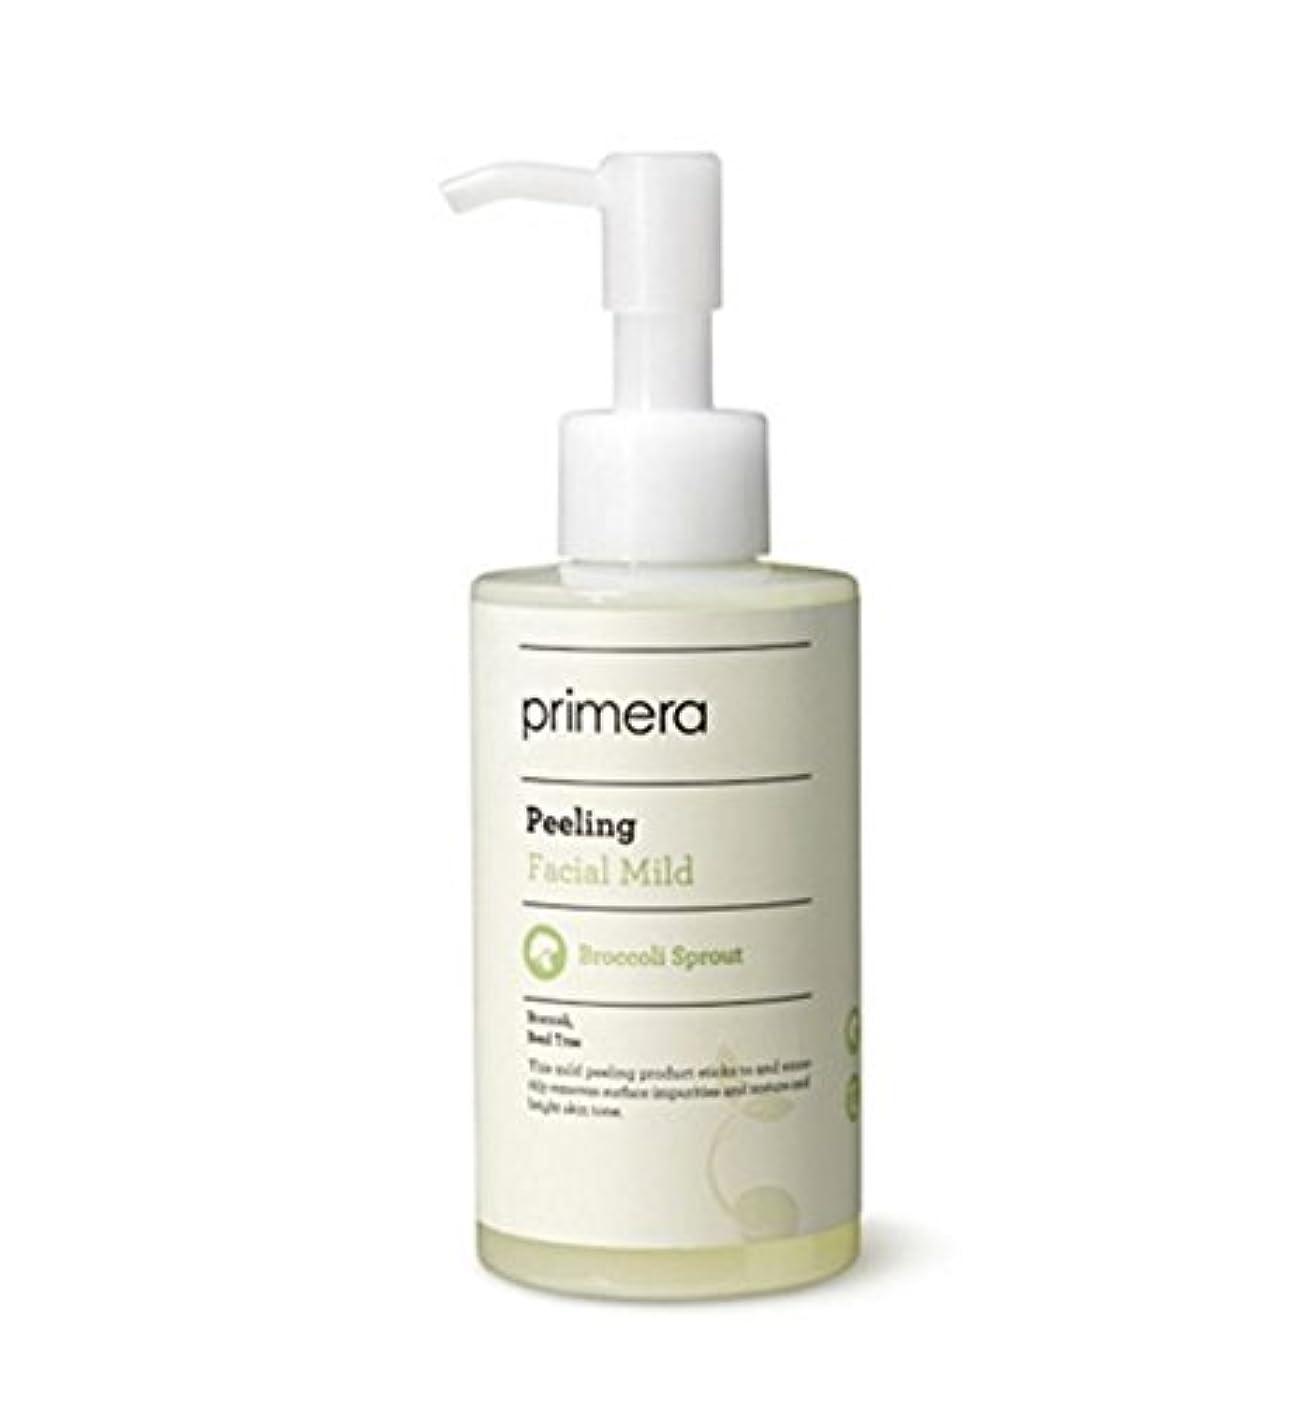 不正八ダブル【プリメーラ】 PRIMERA Facial Mild Peeling フェイシャル マイルド ピーリング 【韓国直送品】 OOPSPANDA